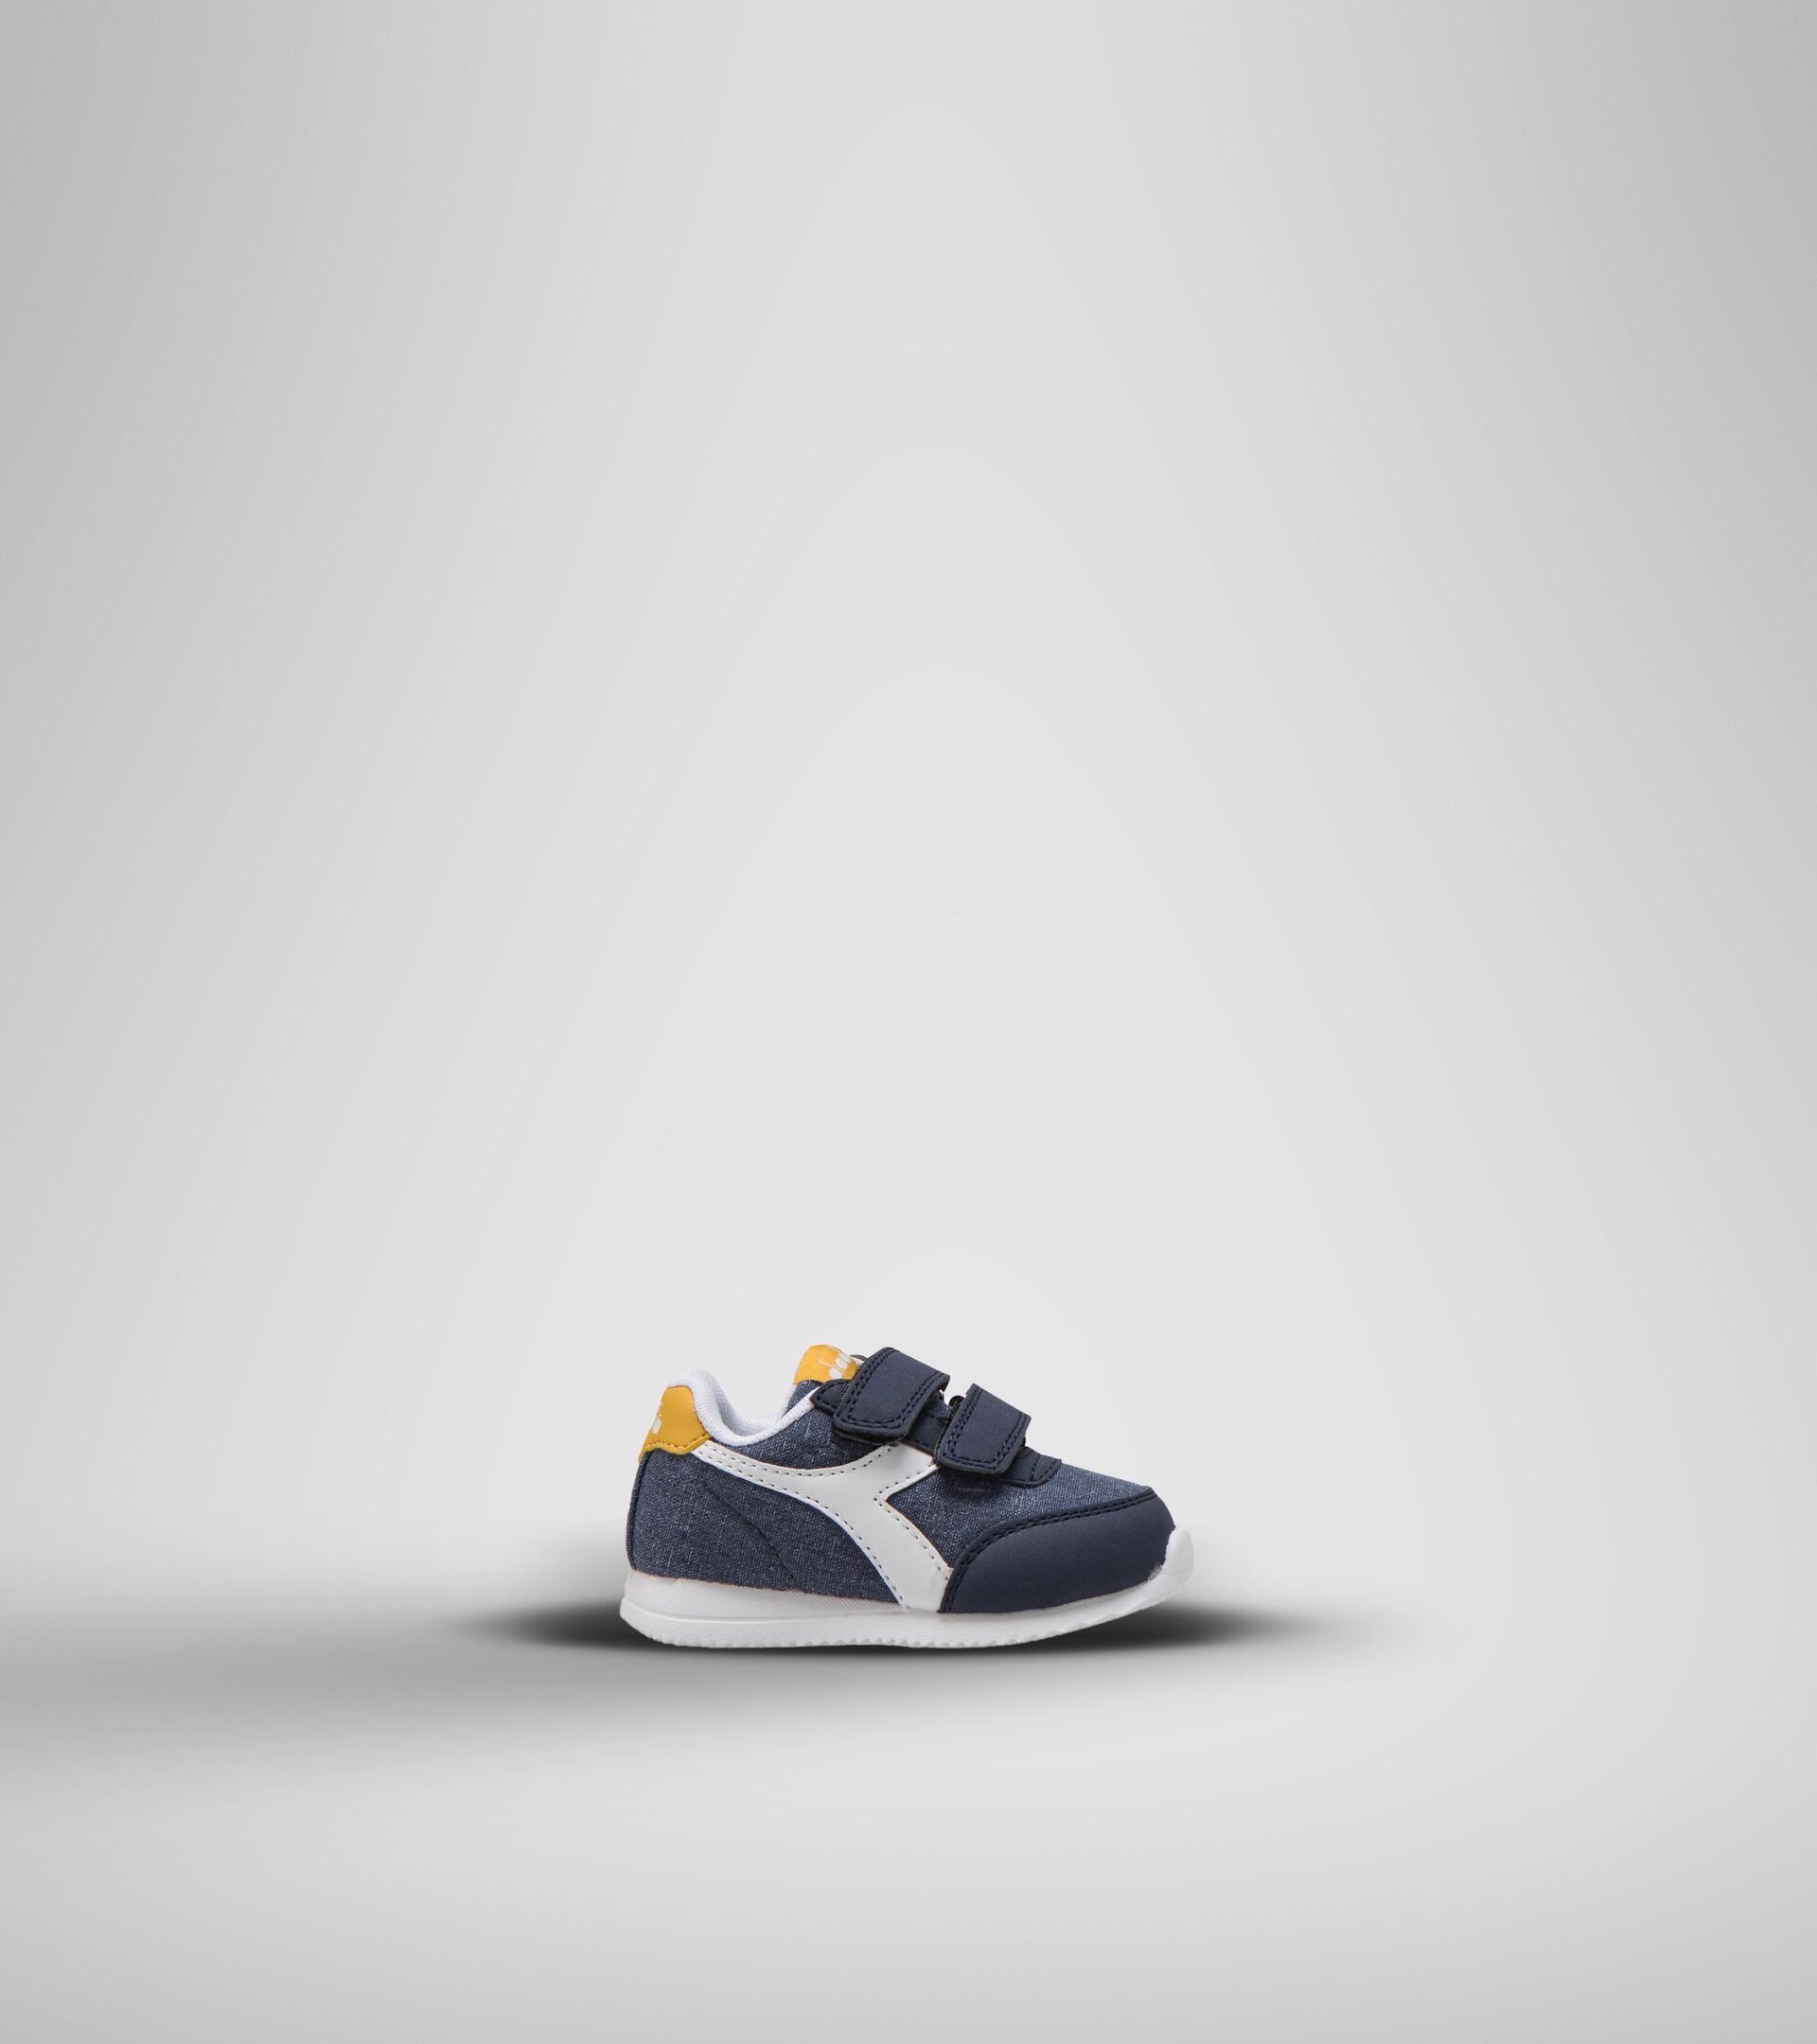 Footwear Sport BAMBINO JOG LIGHT TD BLACK IRIS/GOLDEN APRICOT Diadora